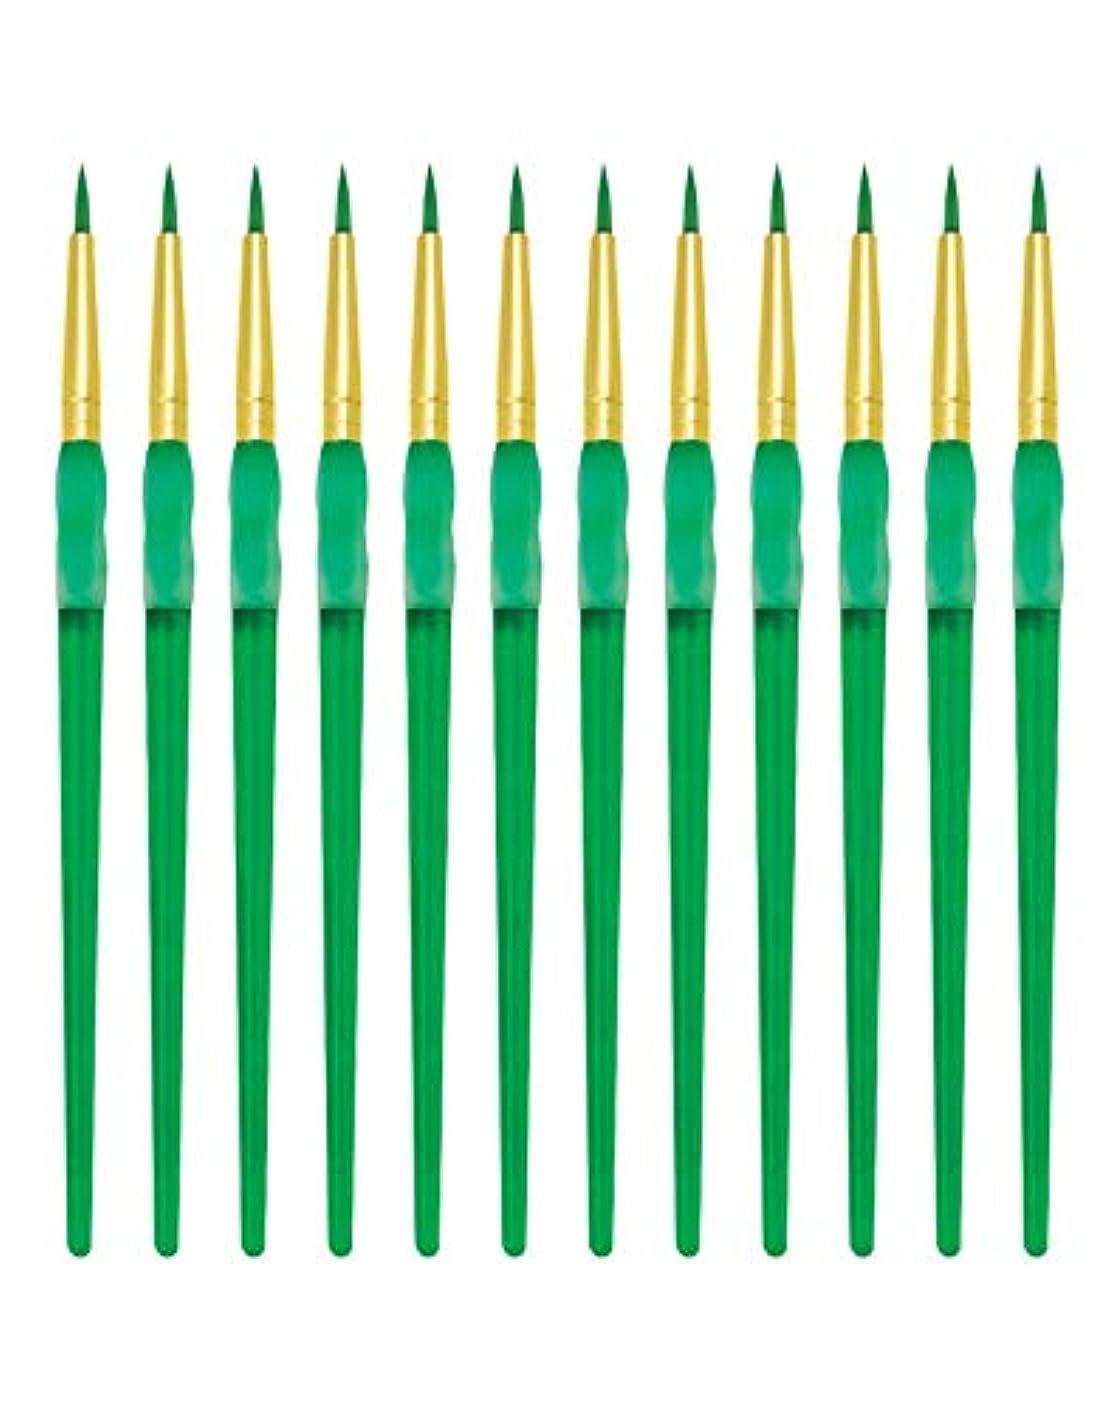 省略する癒す眉をひそめるRoyal Brush ビッグキッズ チョイス ラウンドペイントブラシ サイズ2 12個パック Size 2 RSET-BK62-2-12 1